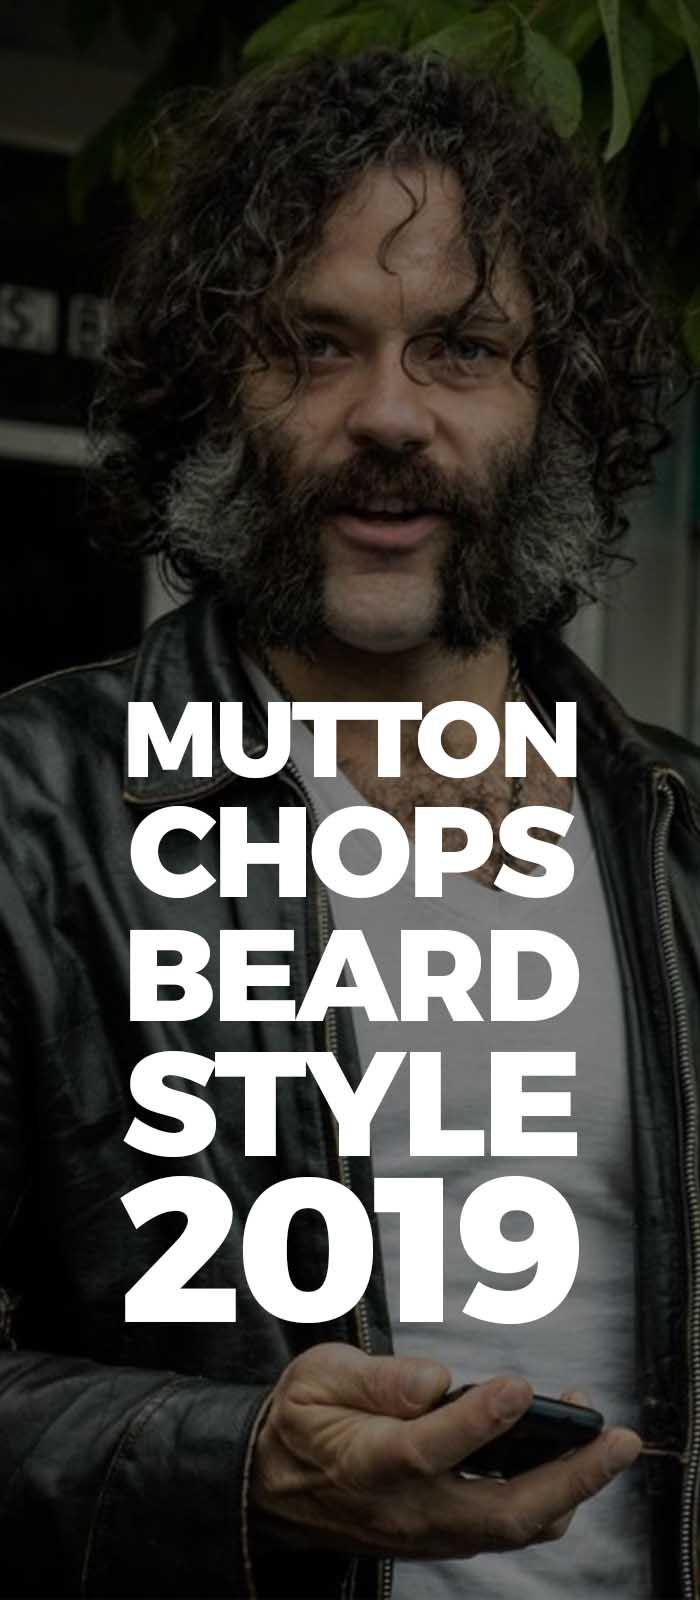 Mutton Chops beard style